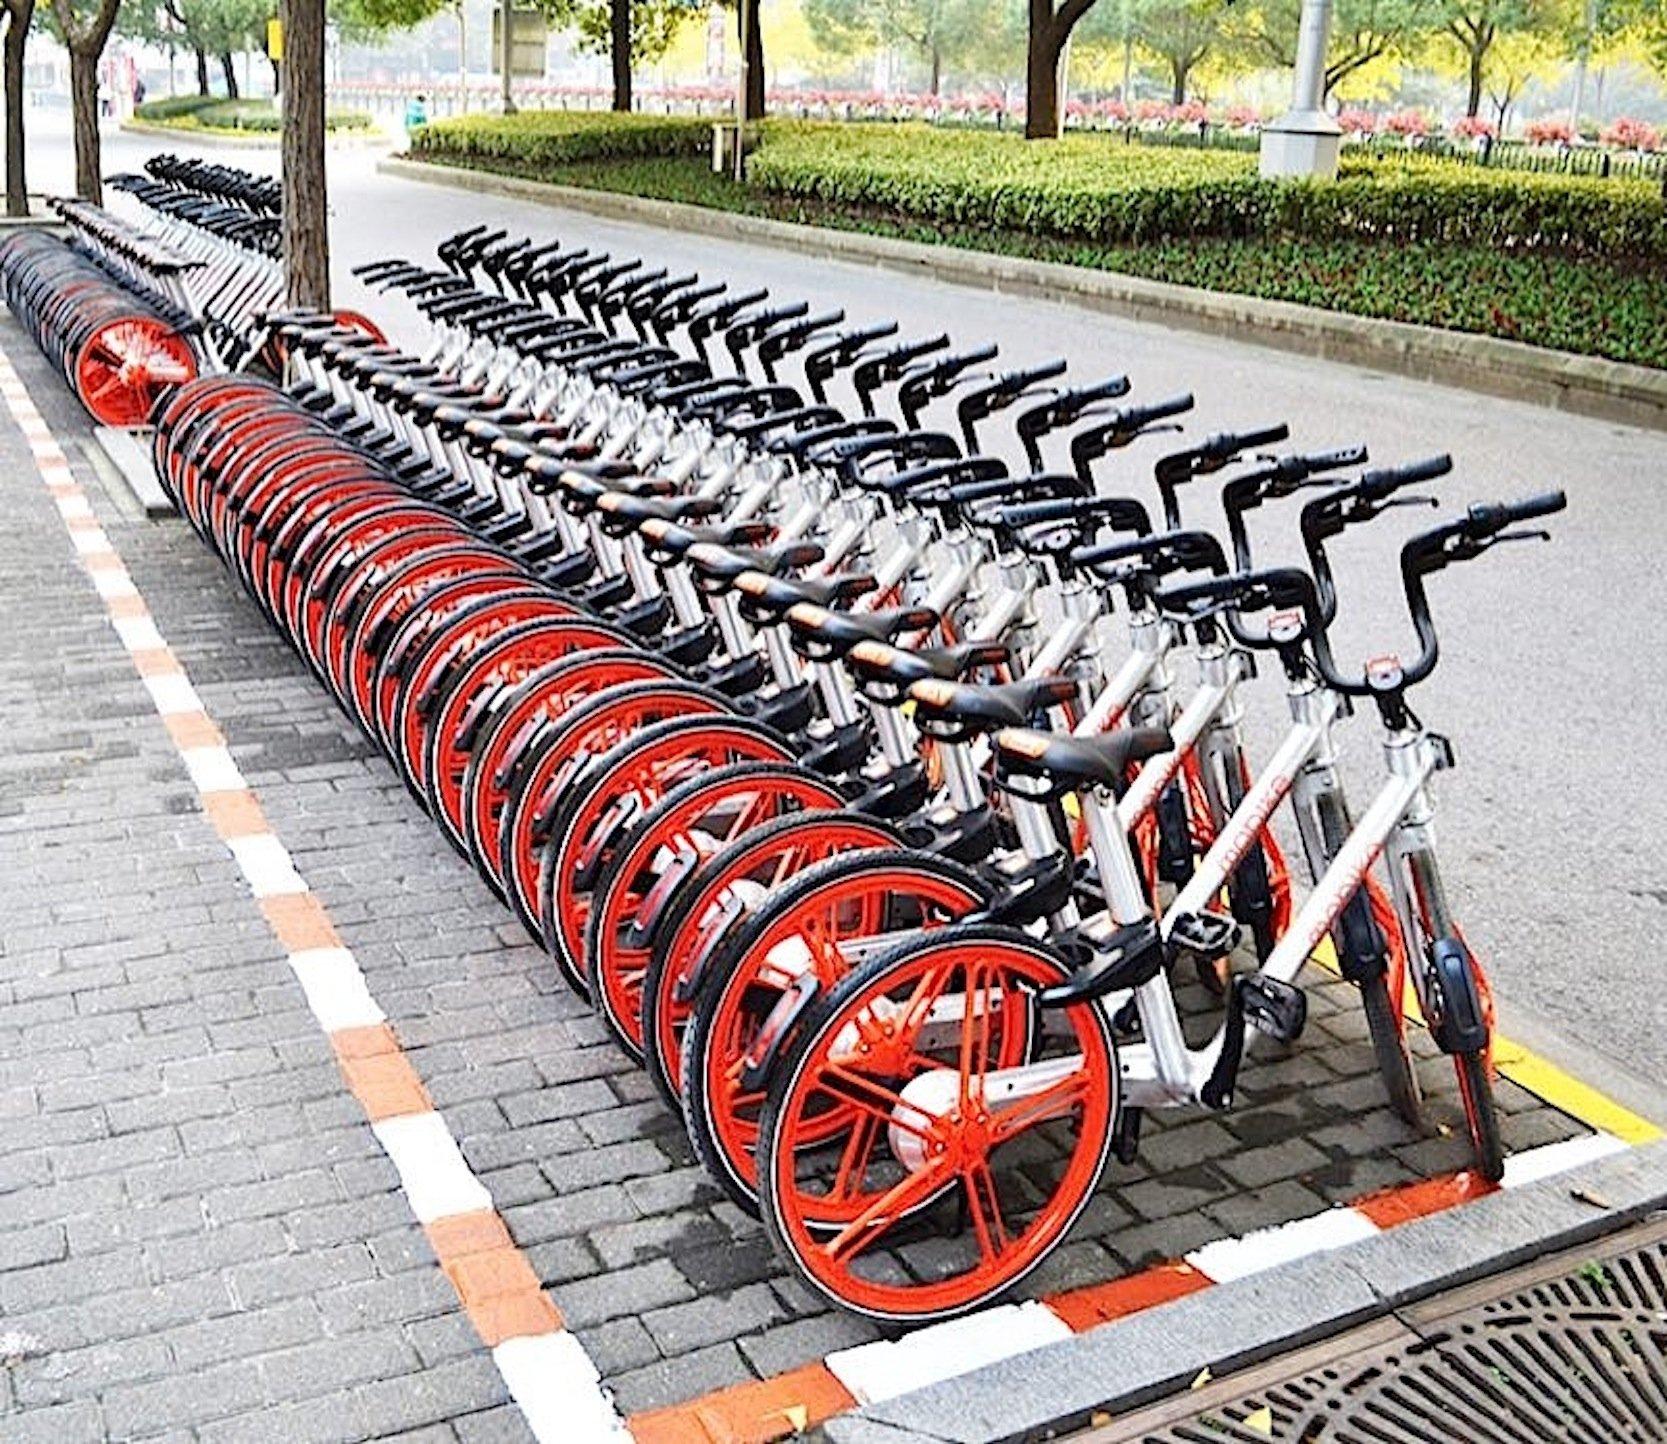 Mobikes boomen in China: Jetzt soll sich das System auch in Europa durchsetzen.